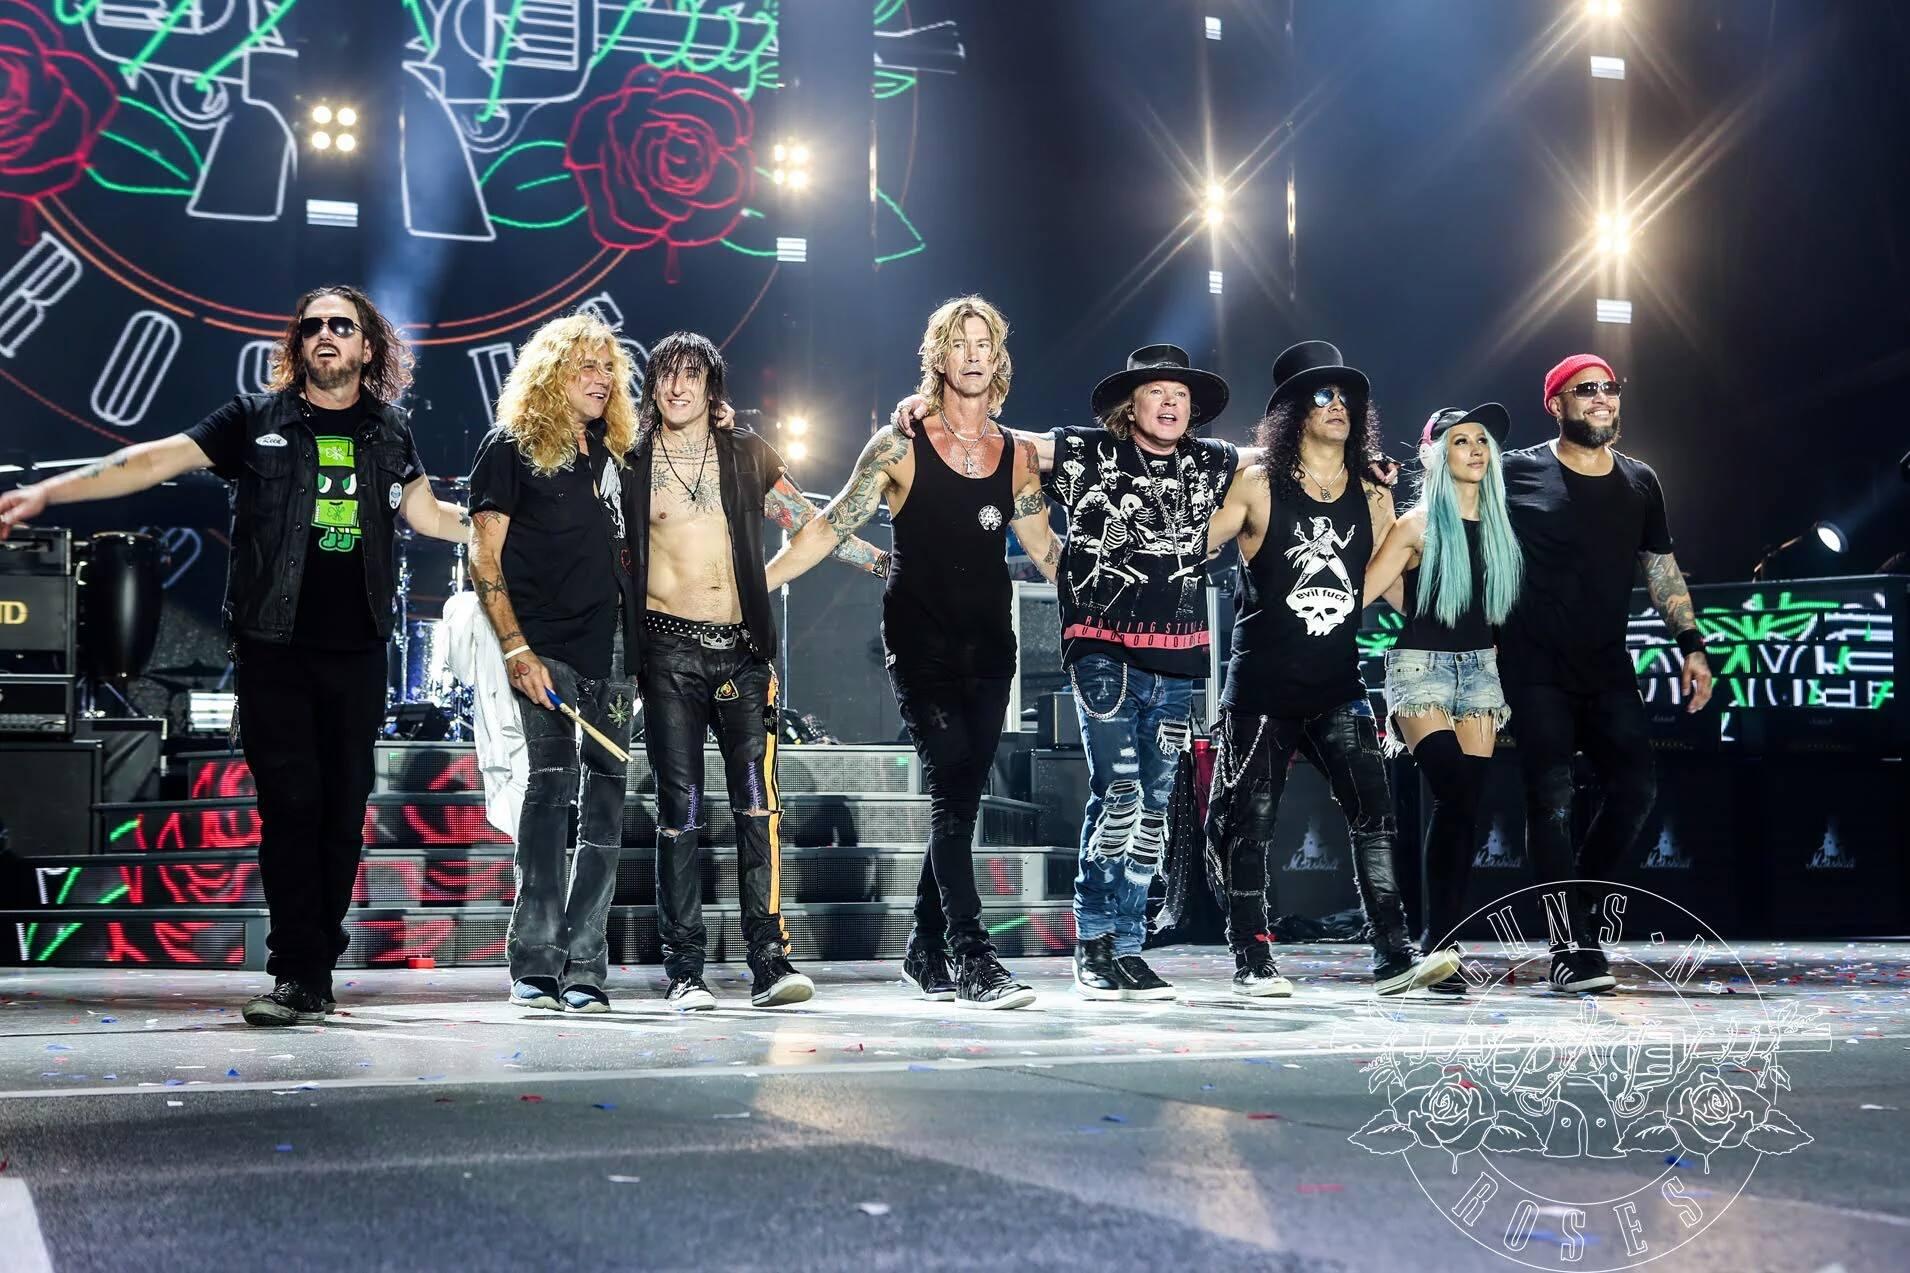 Guns N' Roses : ne vale la pena?